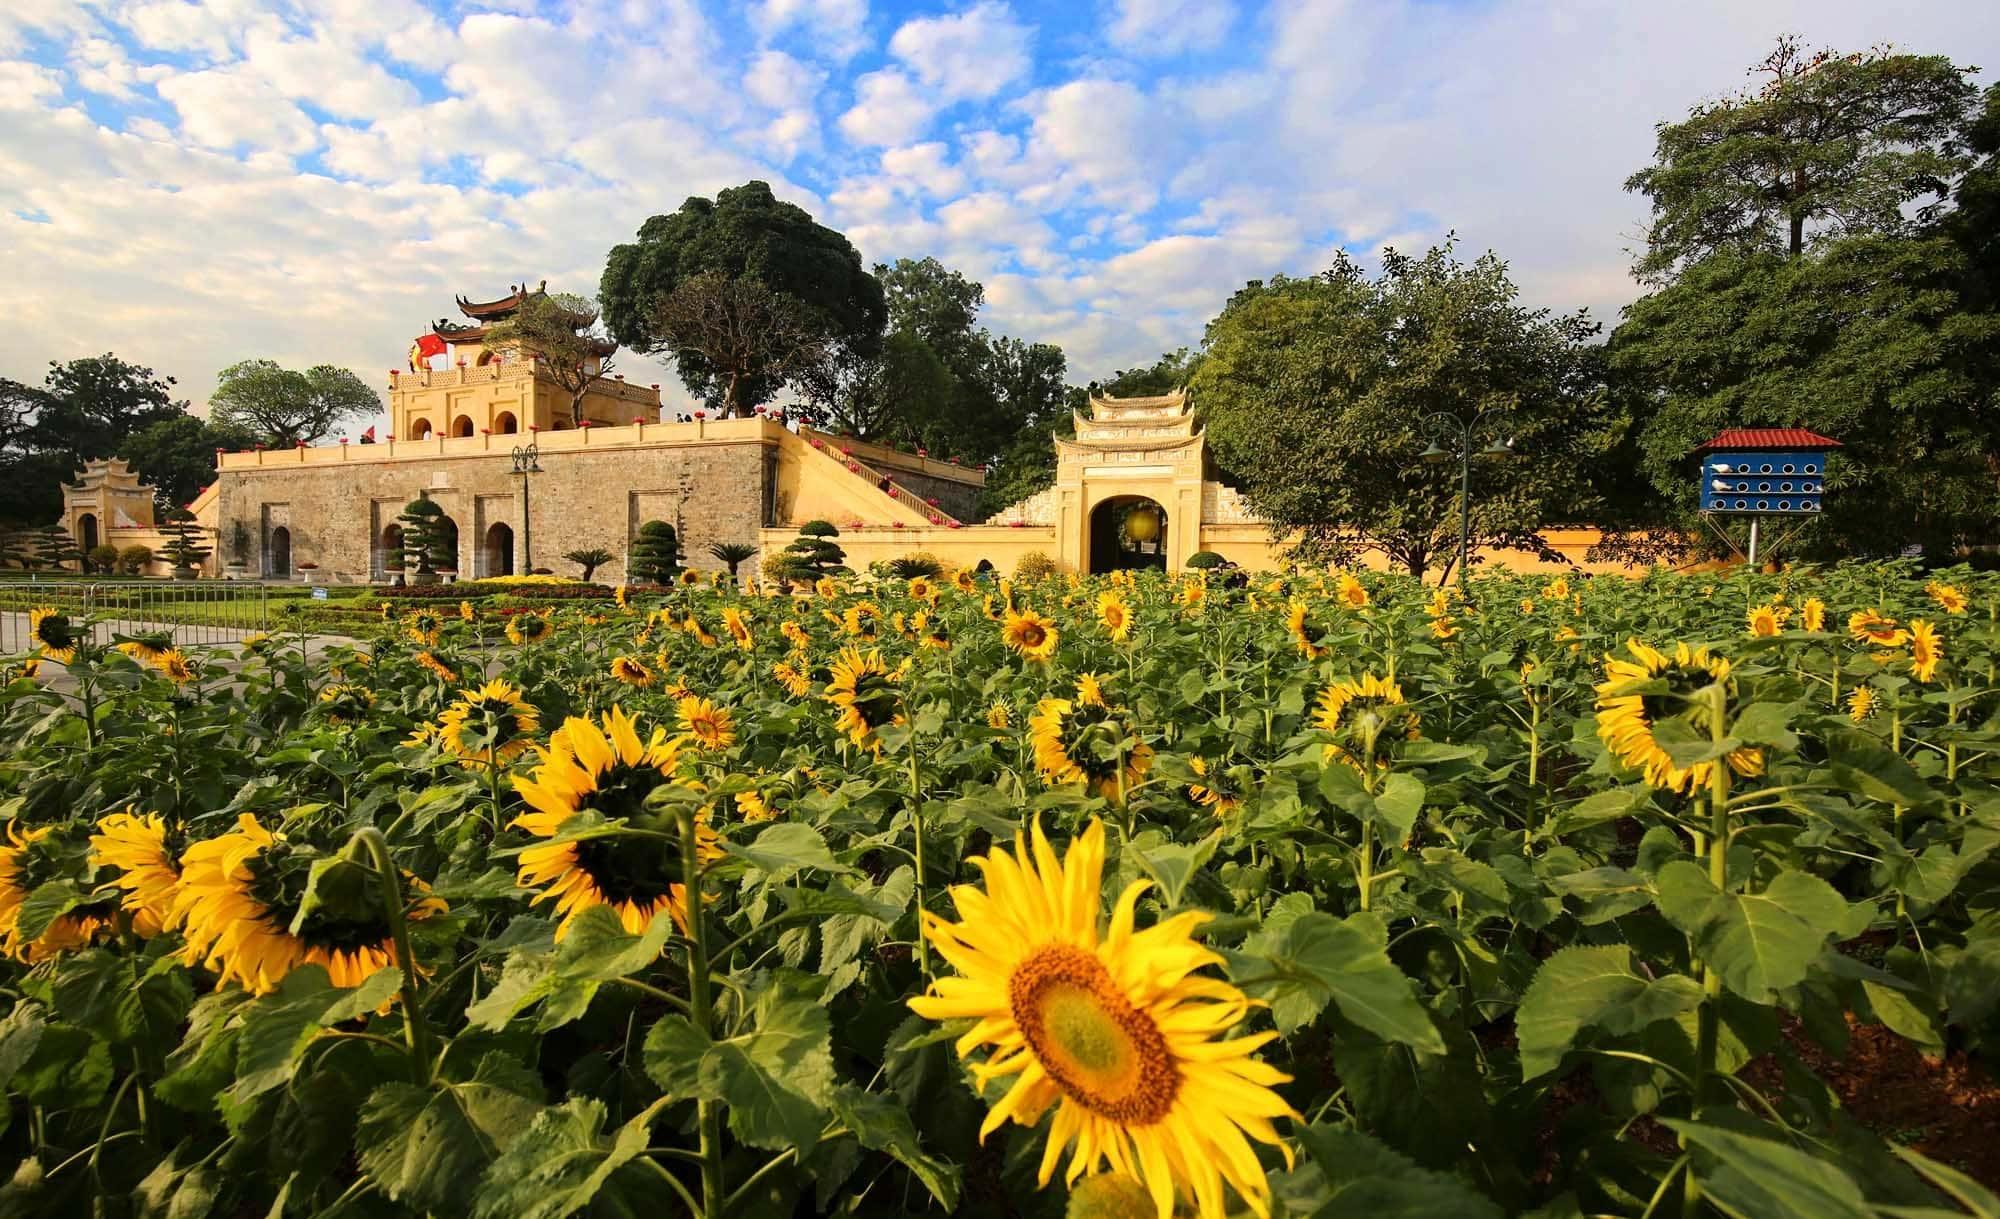 Vườn hoa hướng dương tại Hoàng Thành Thăng Long, Hà Nội